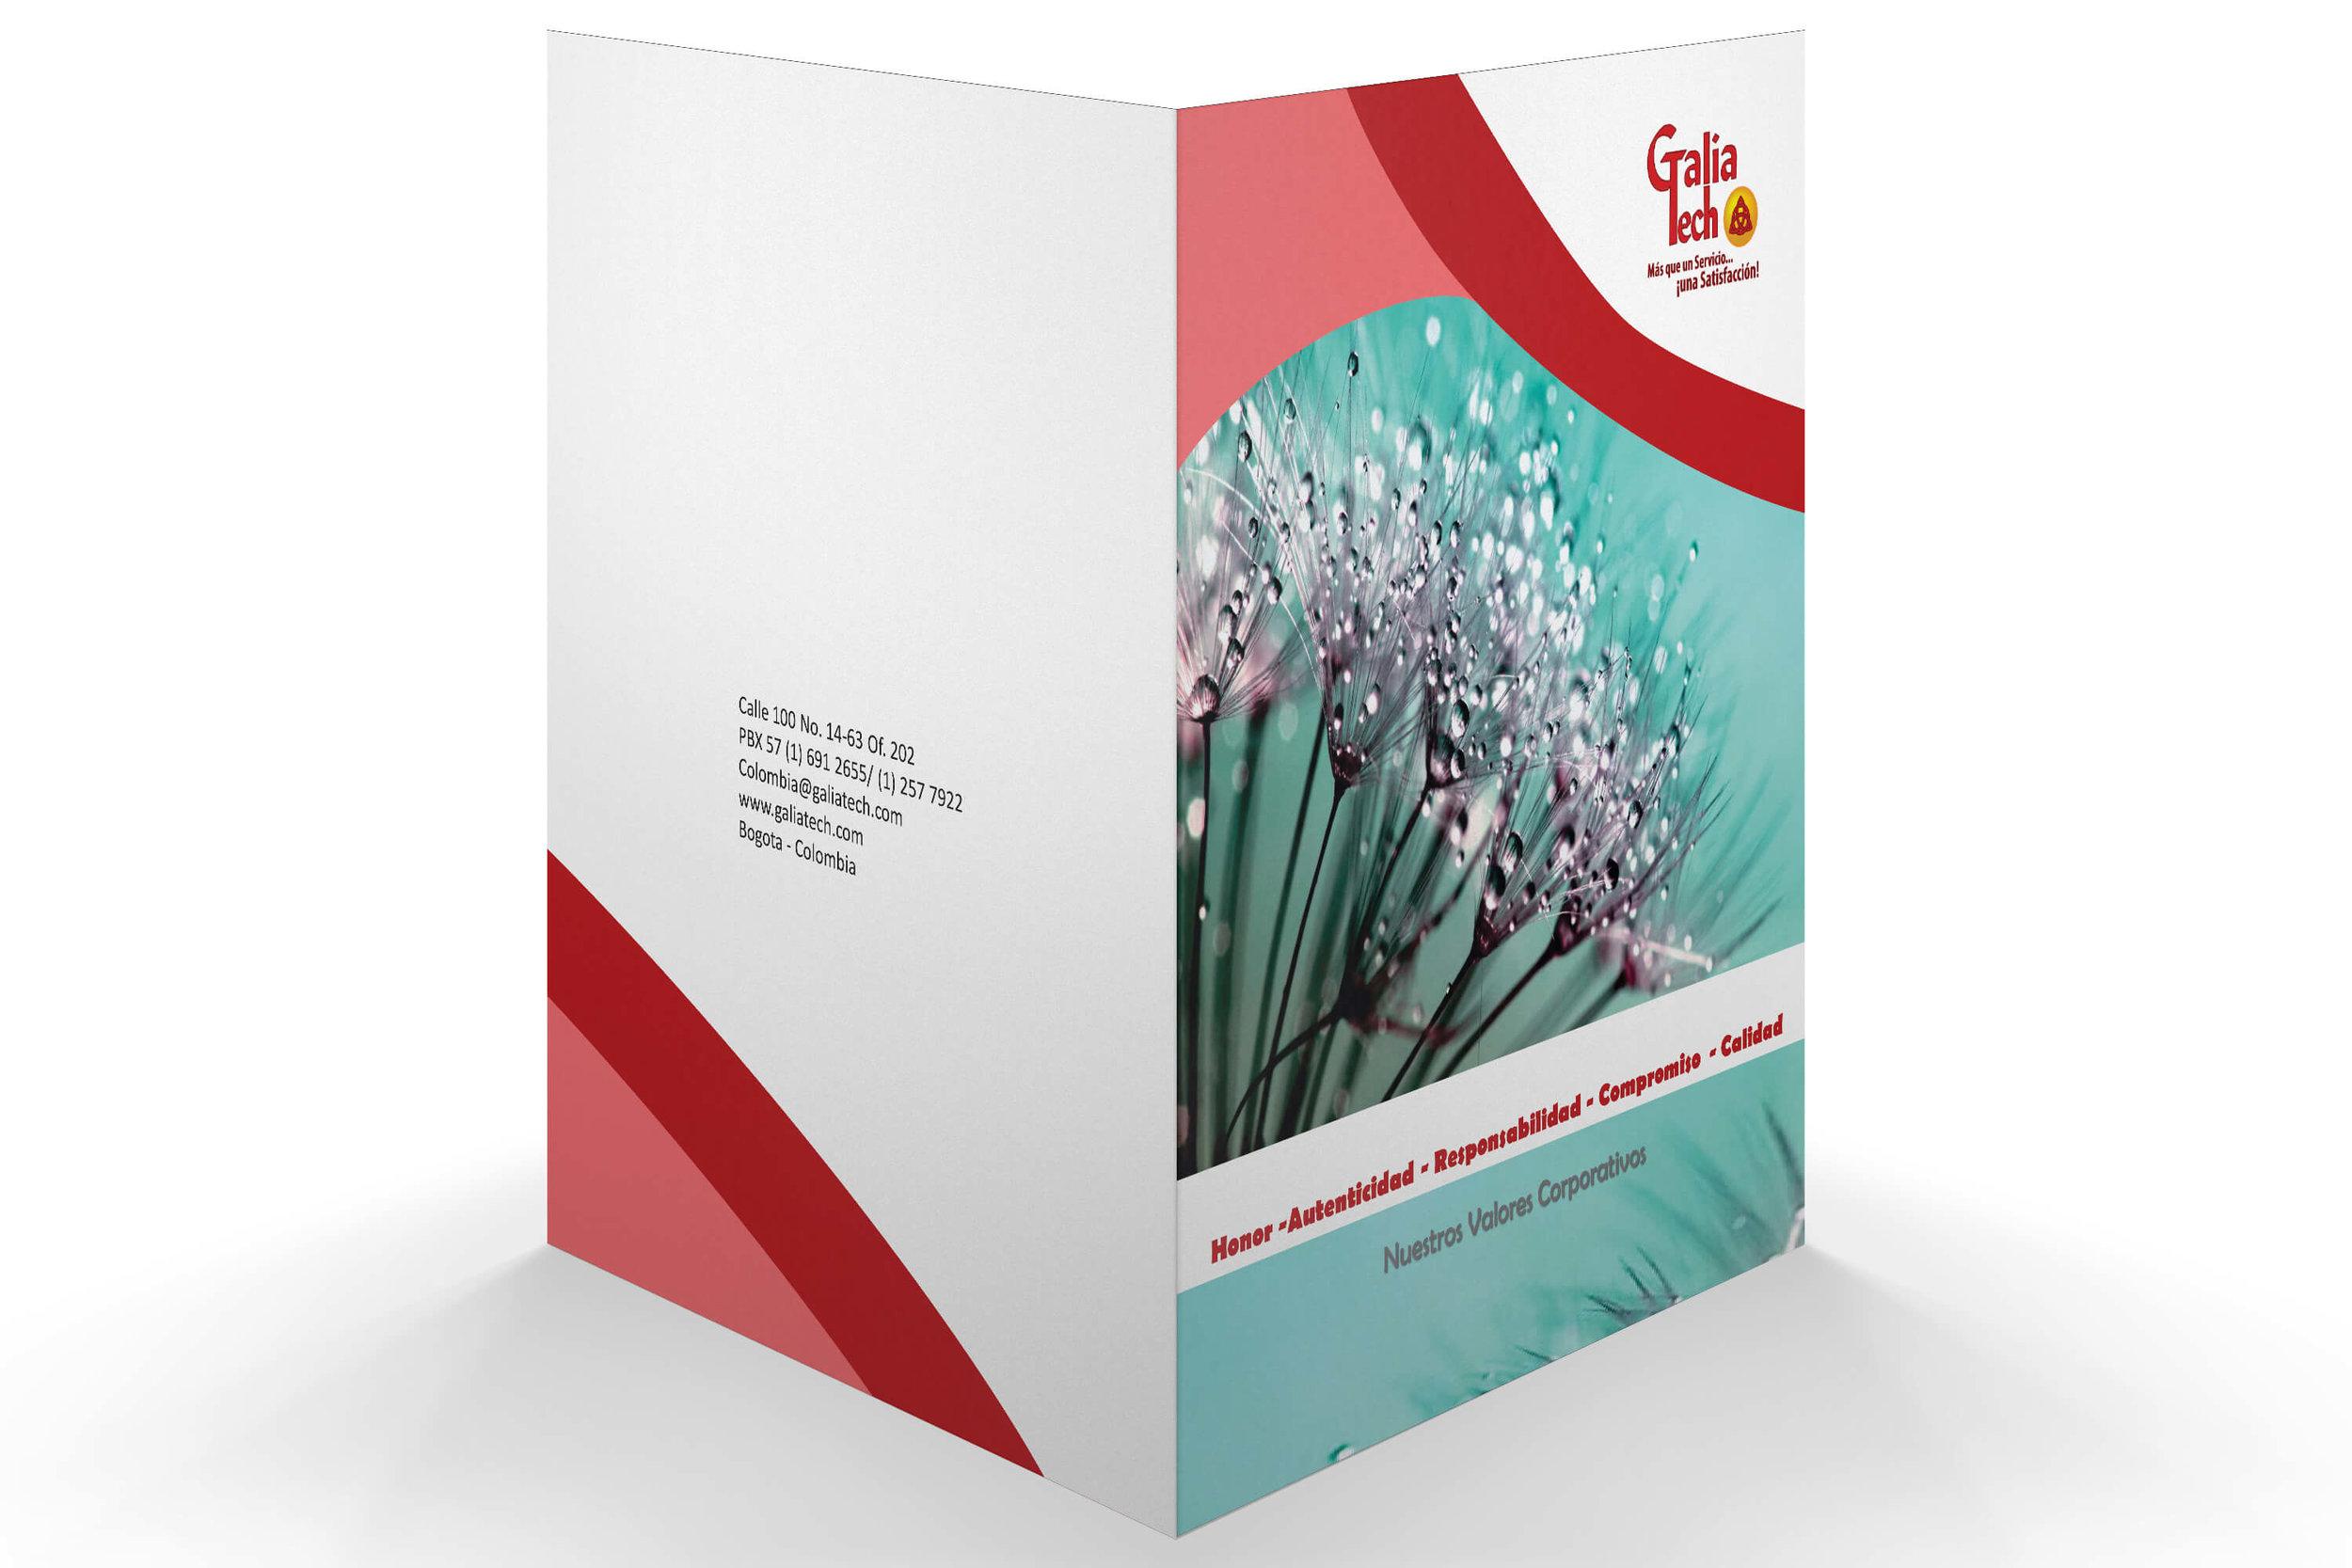 Presentation Portfolio for GaliaTech Consulting